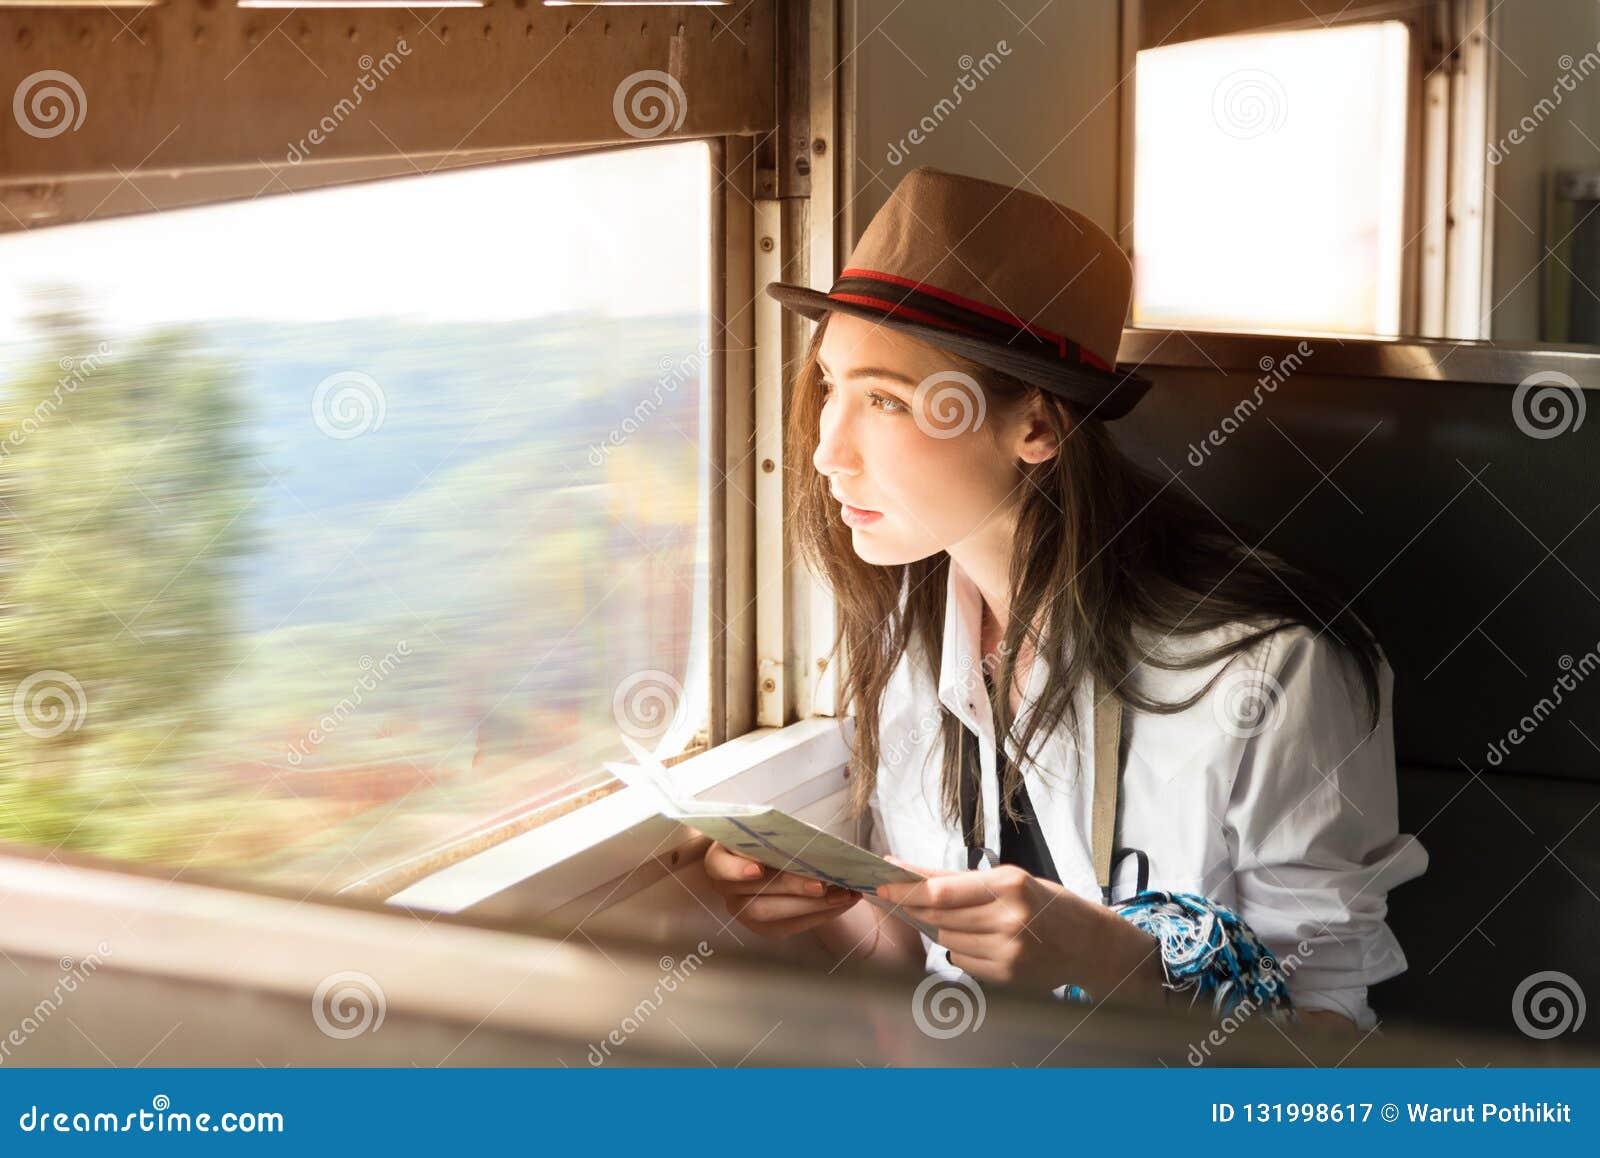 Junge Asien-Wandererfrau reist ihre Zugreise, Reise